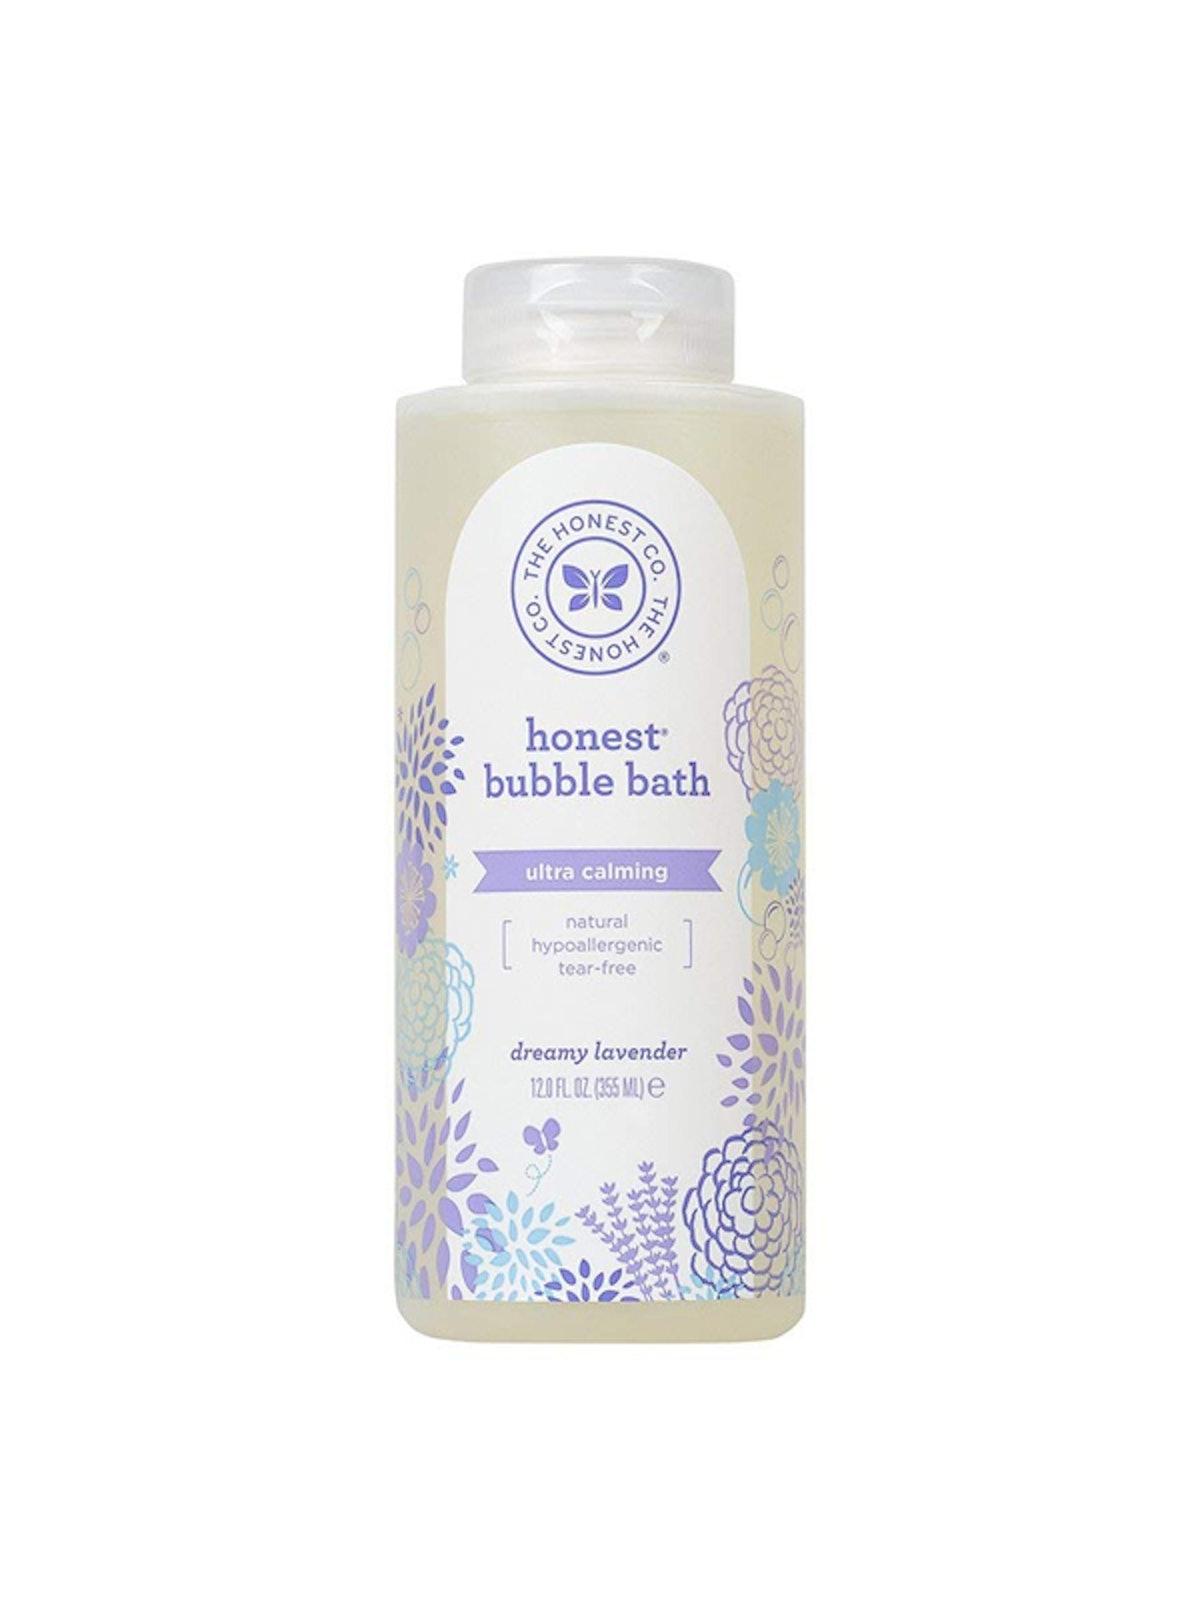 Honest Bubble Bath